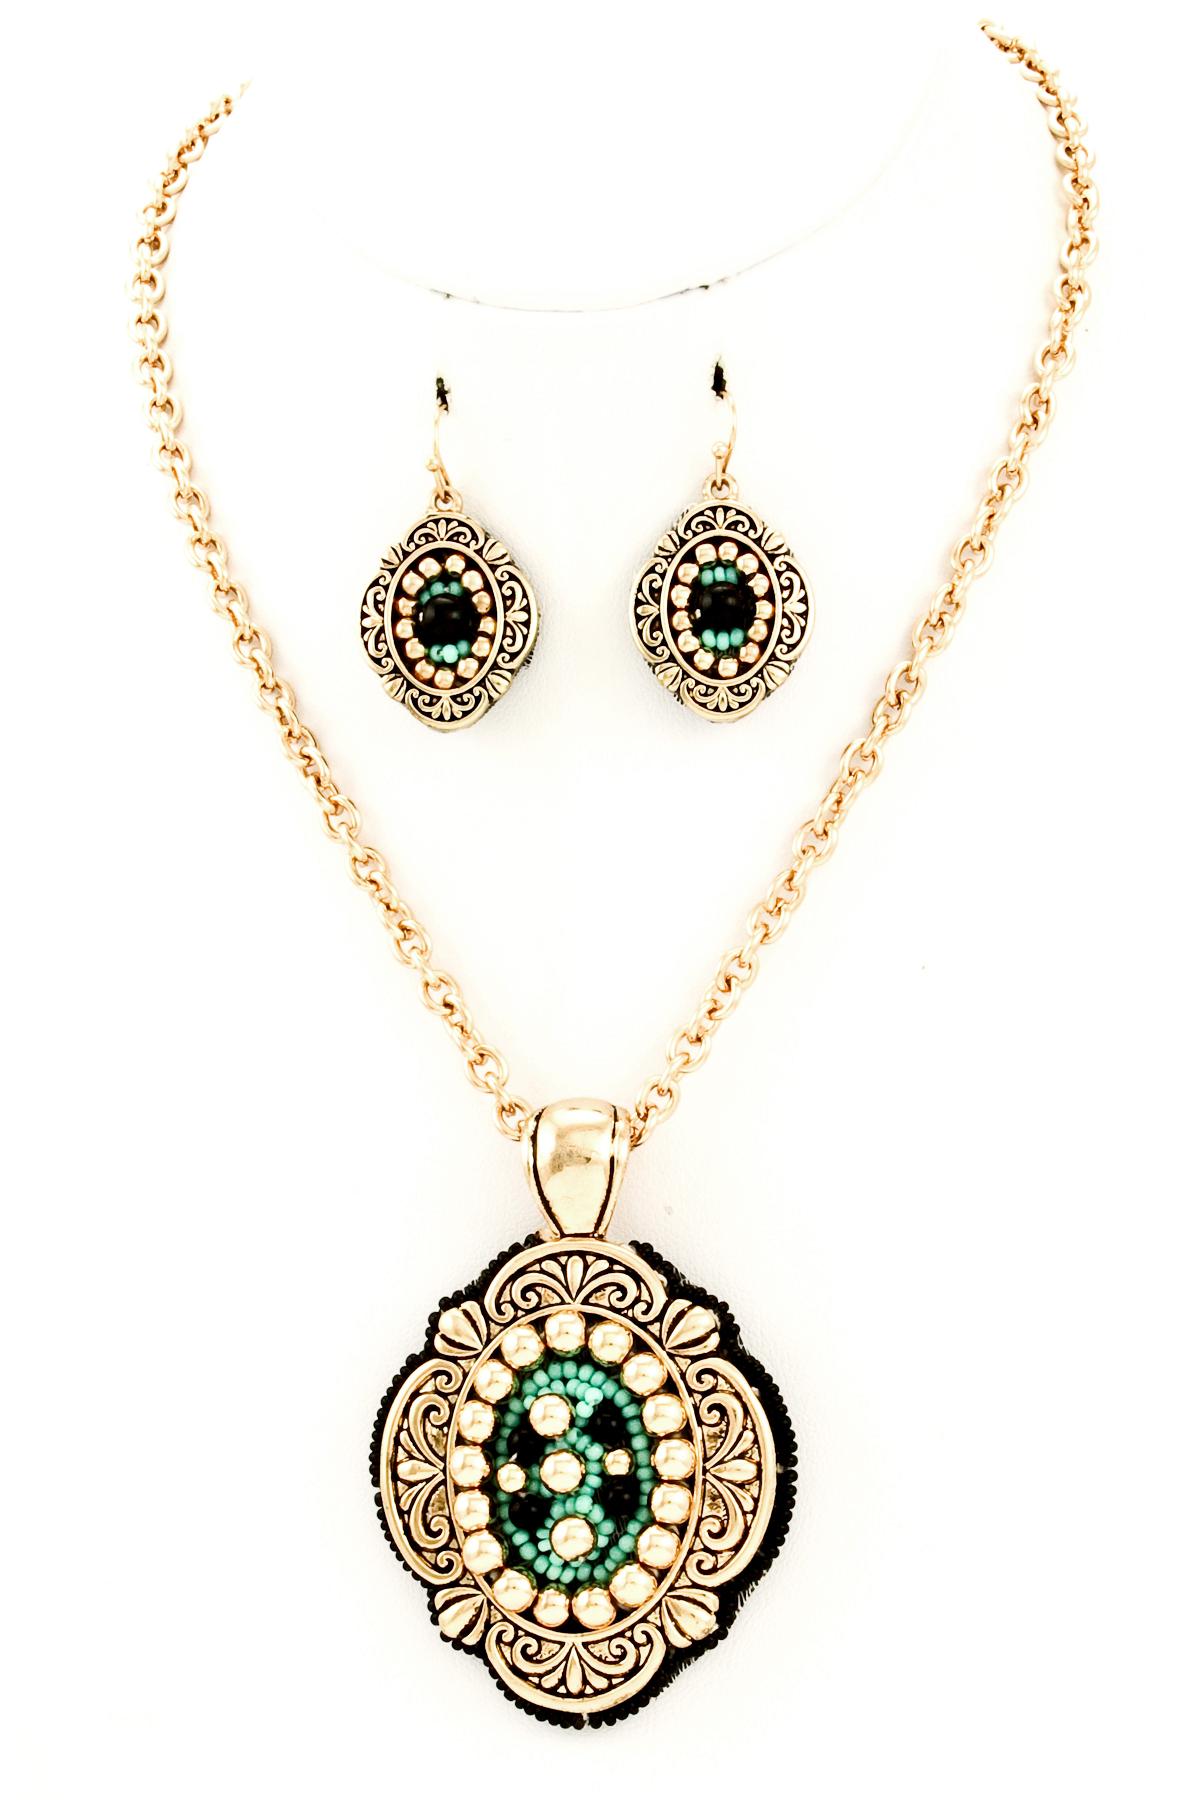 Fleur-De-Lis Textured Pendant Necklace Set - Necklaces